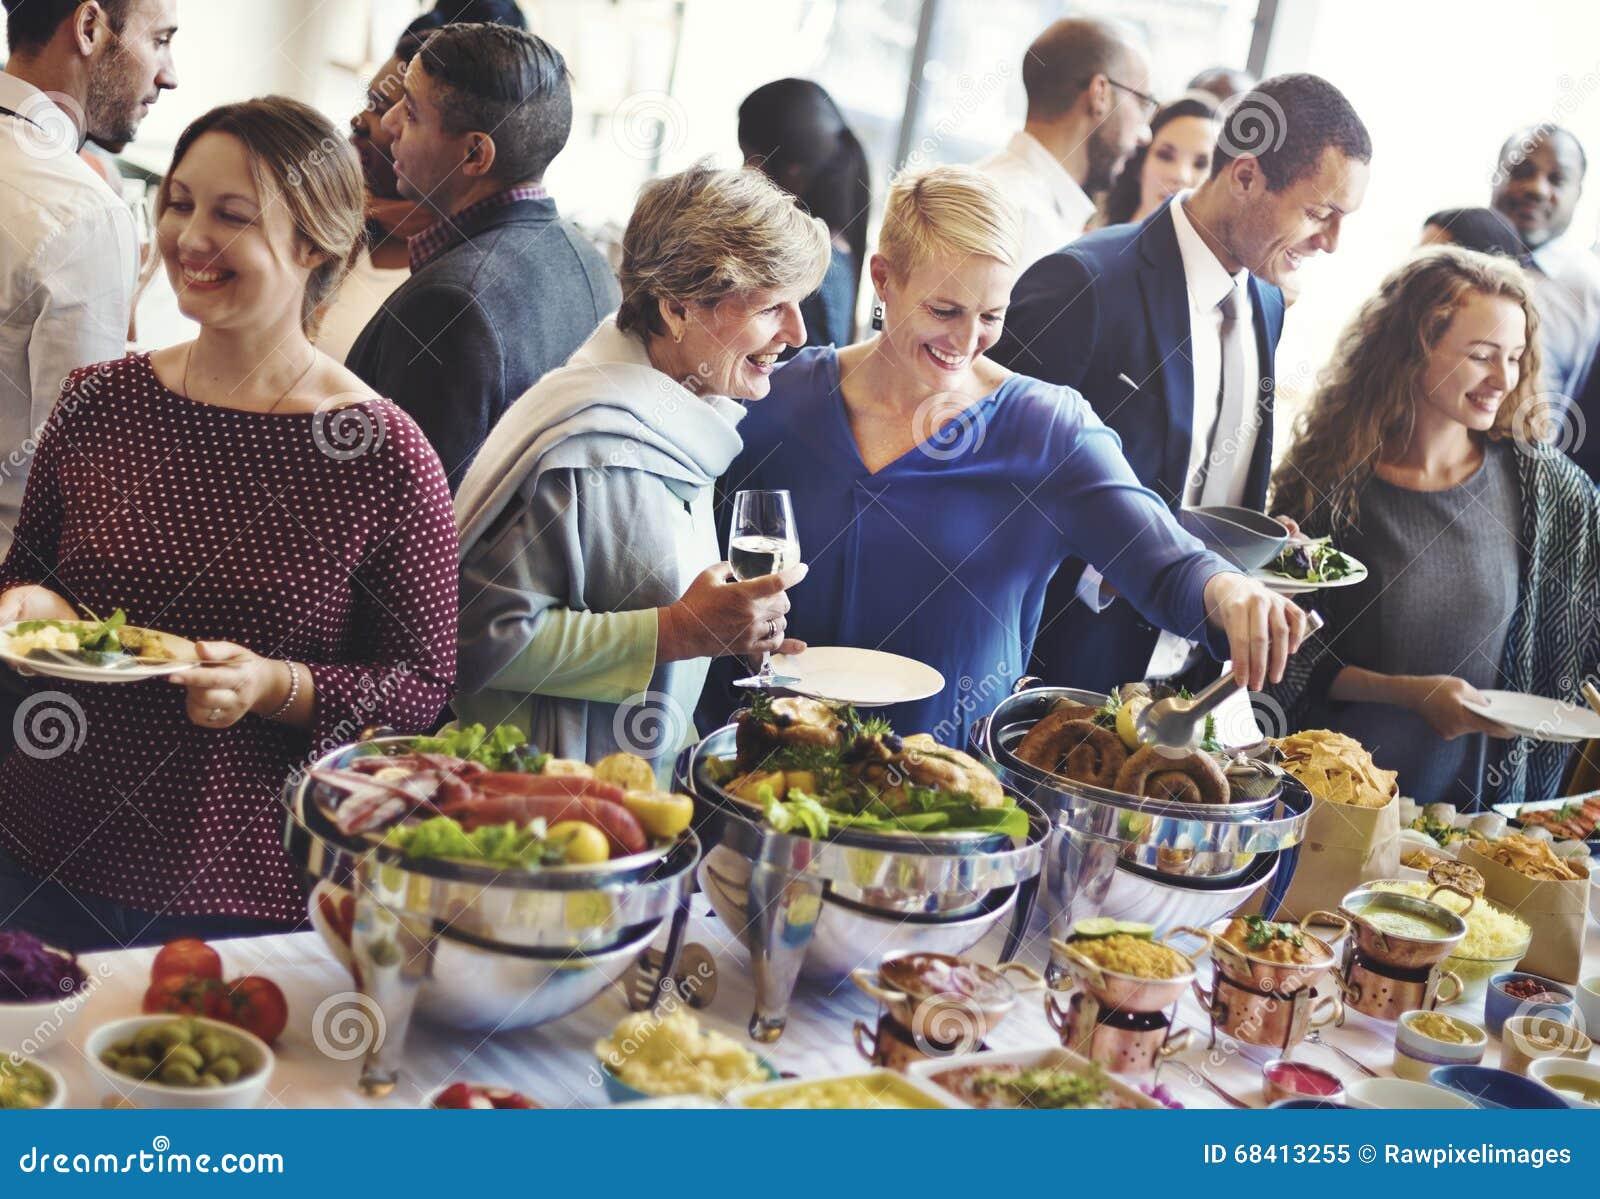 变化人享受立食宴会概念